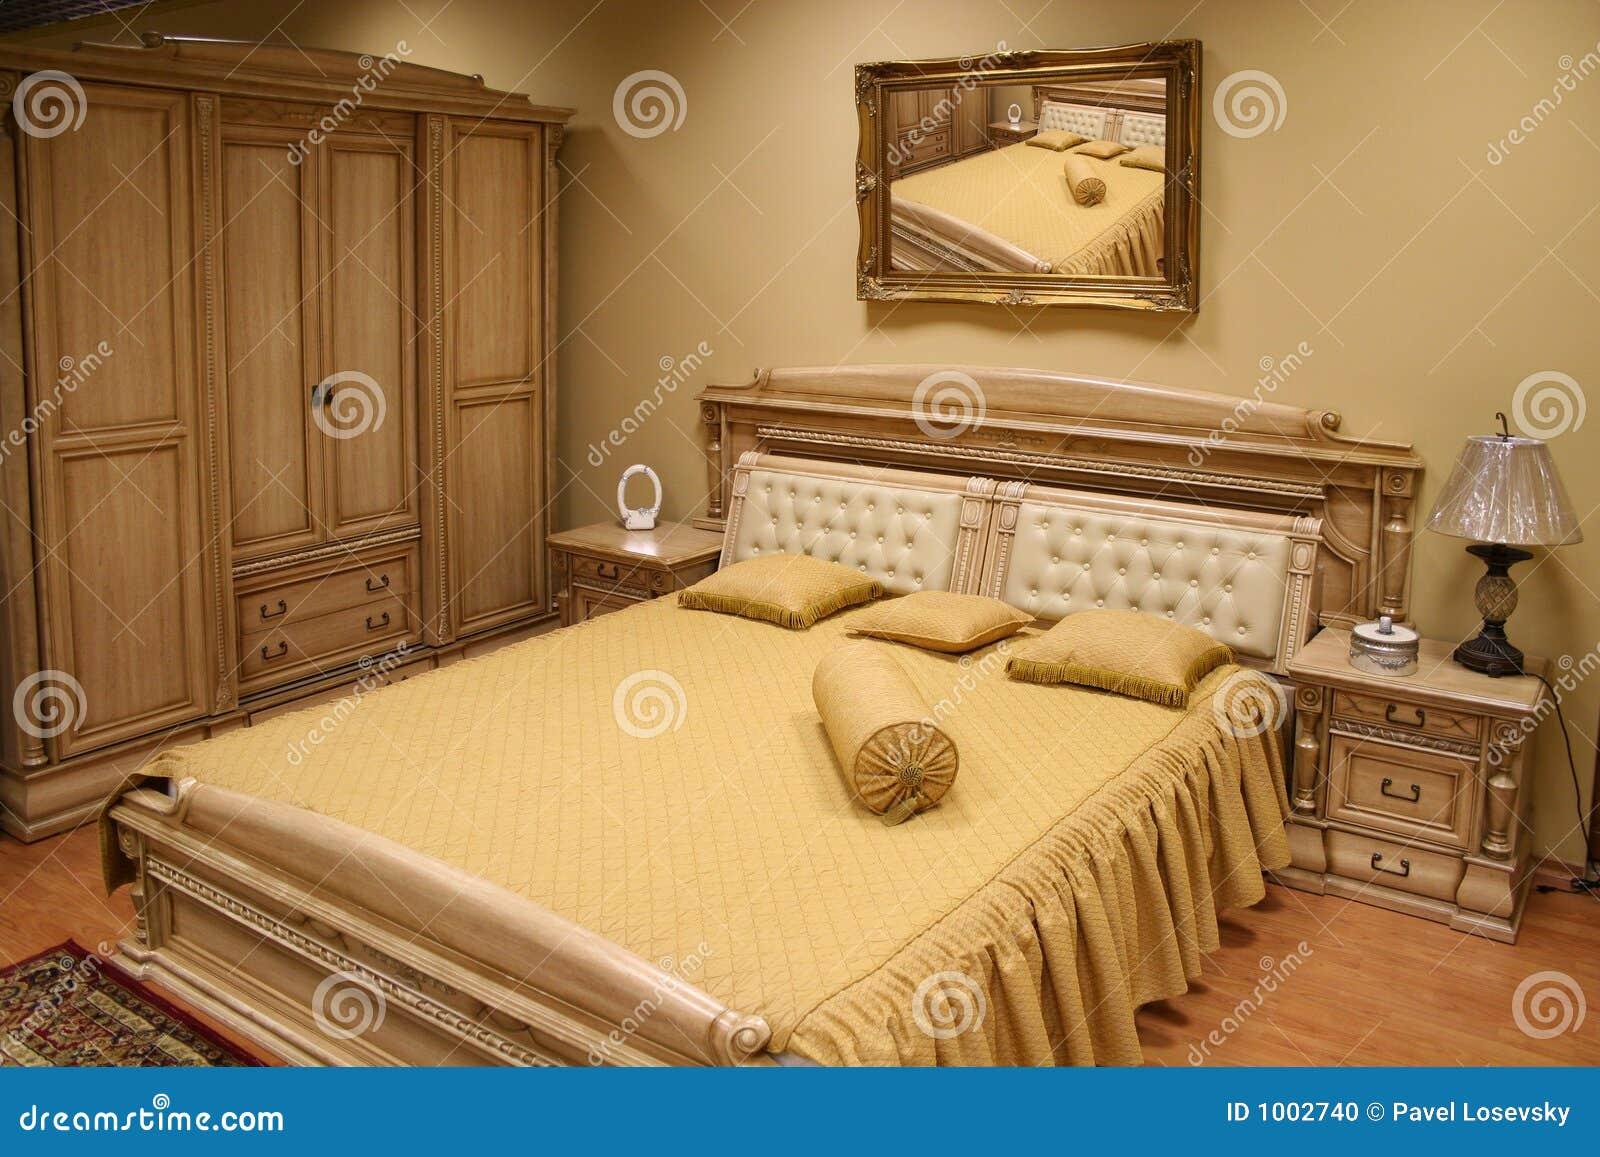 Camera da letto lussuosa 2 fotografia stock immagine di classico 1002740 - Camera di letto usato ...